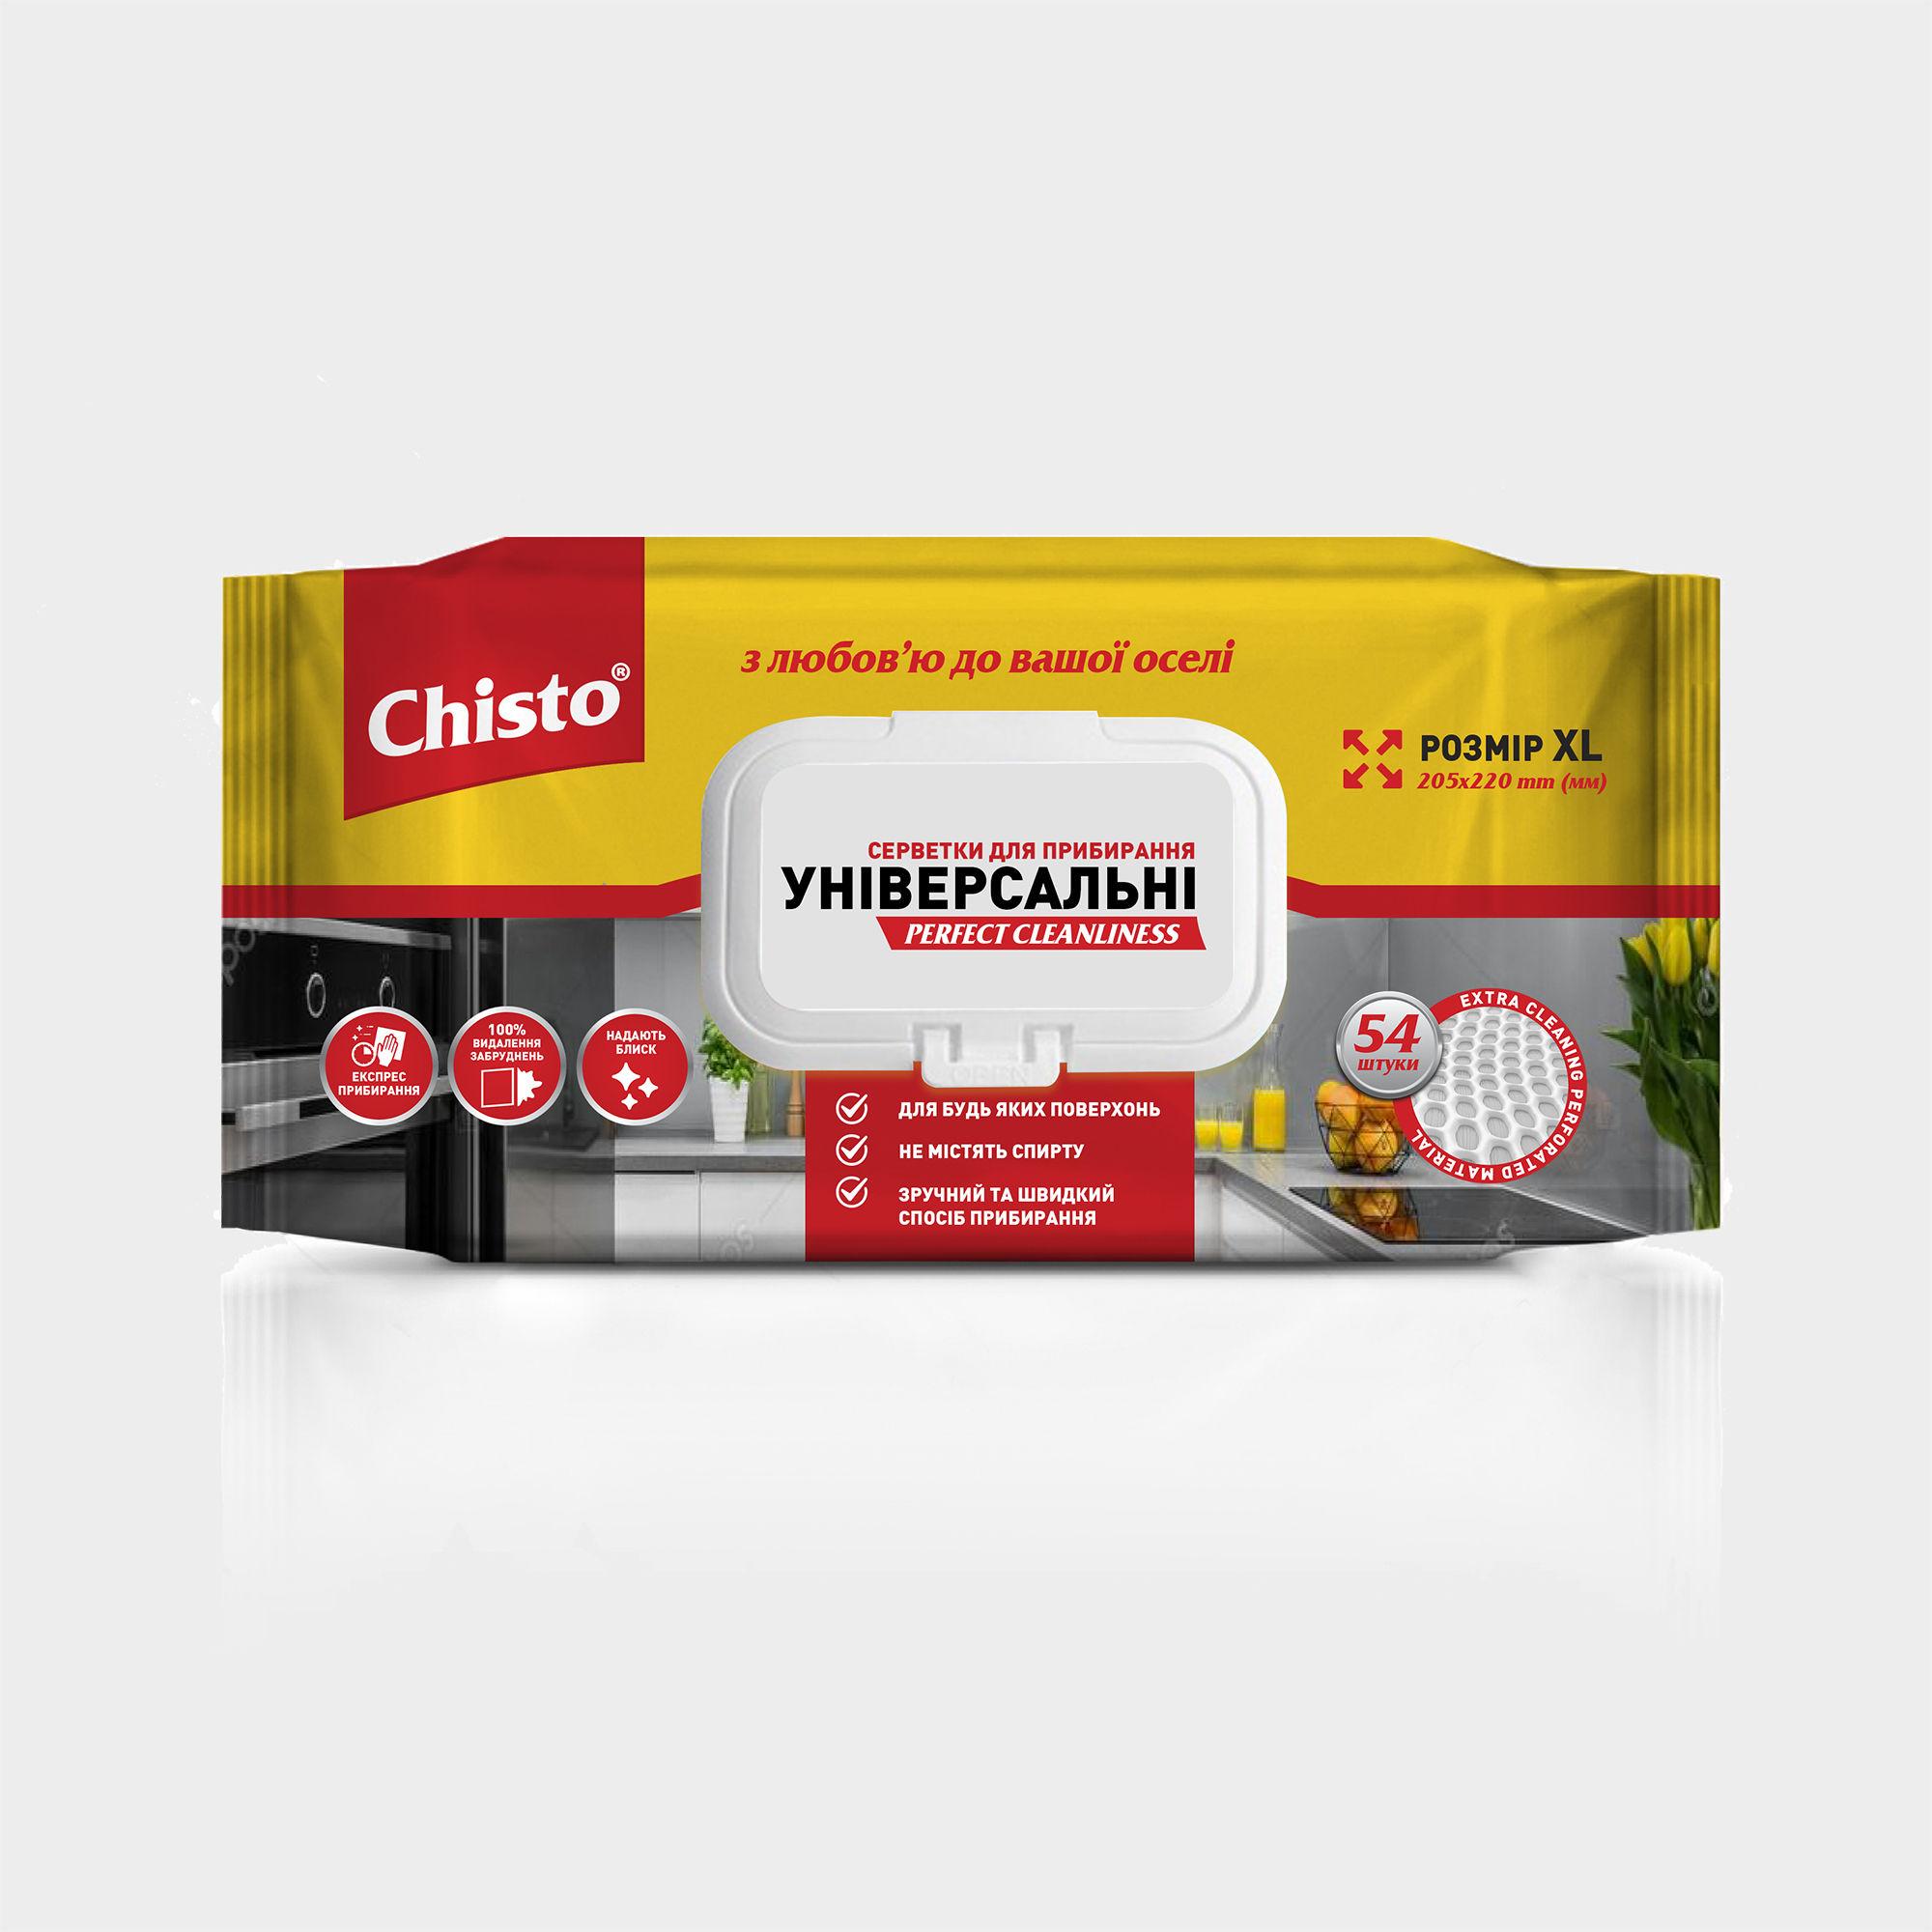 Салфетки влажные универсальные для уборки Chisto